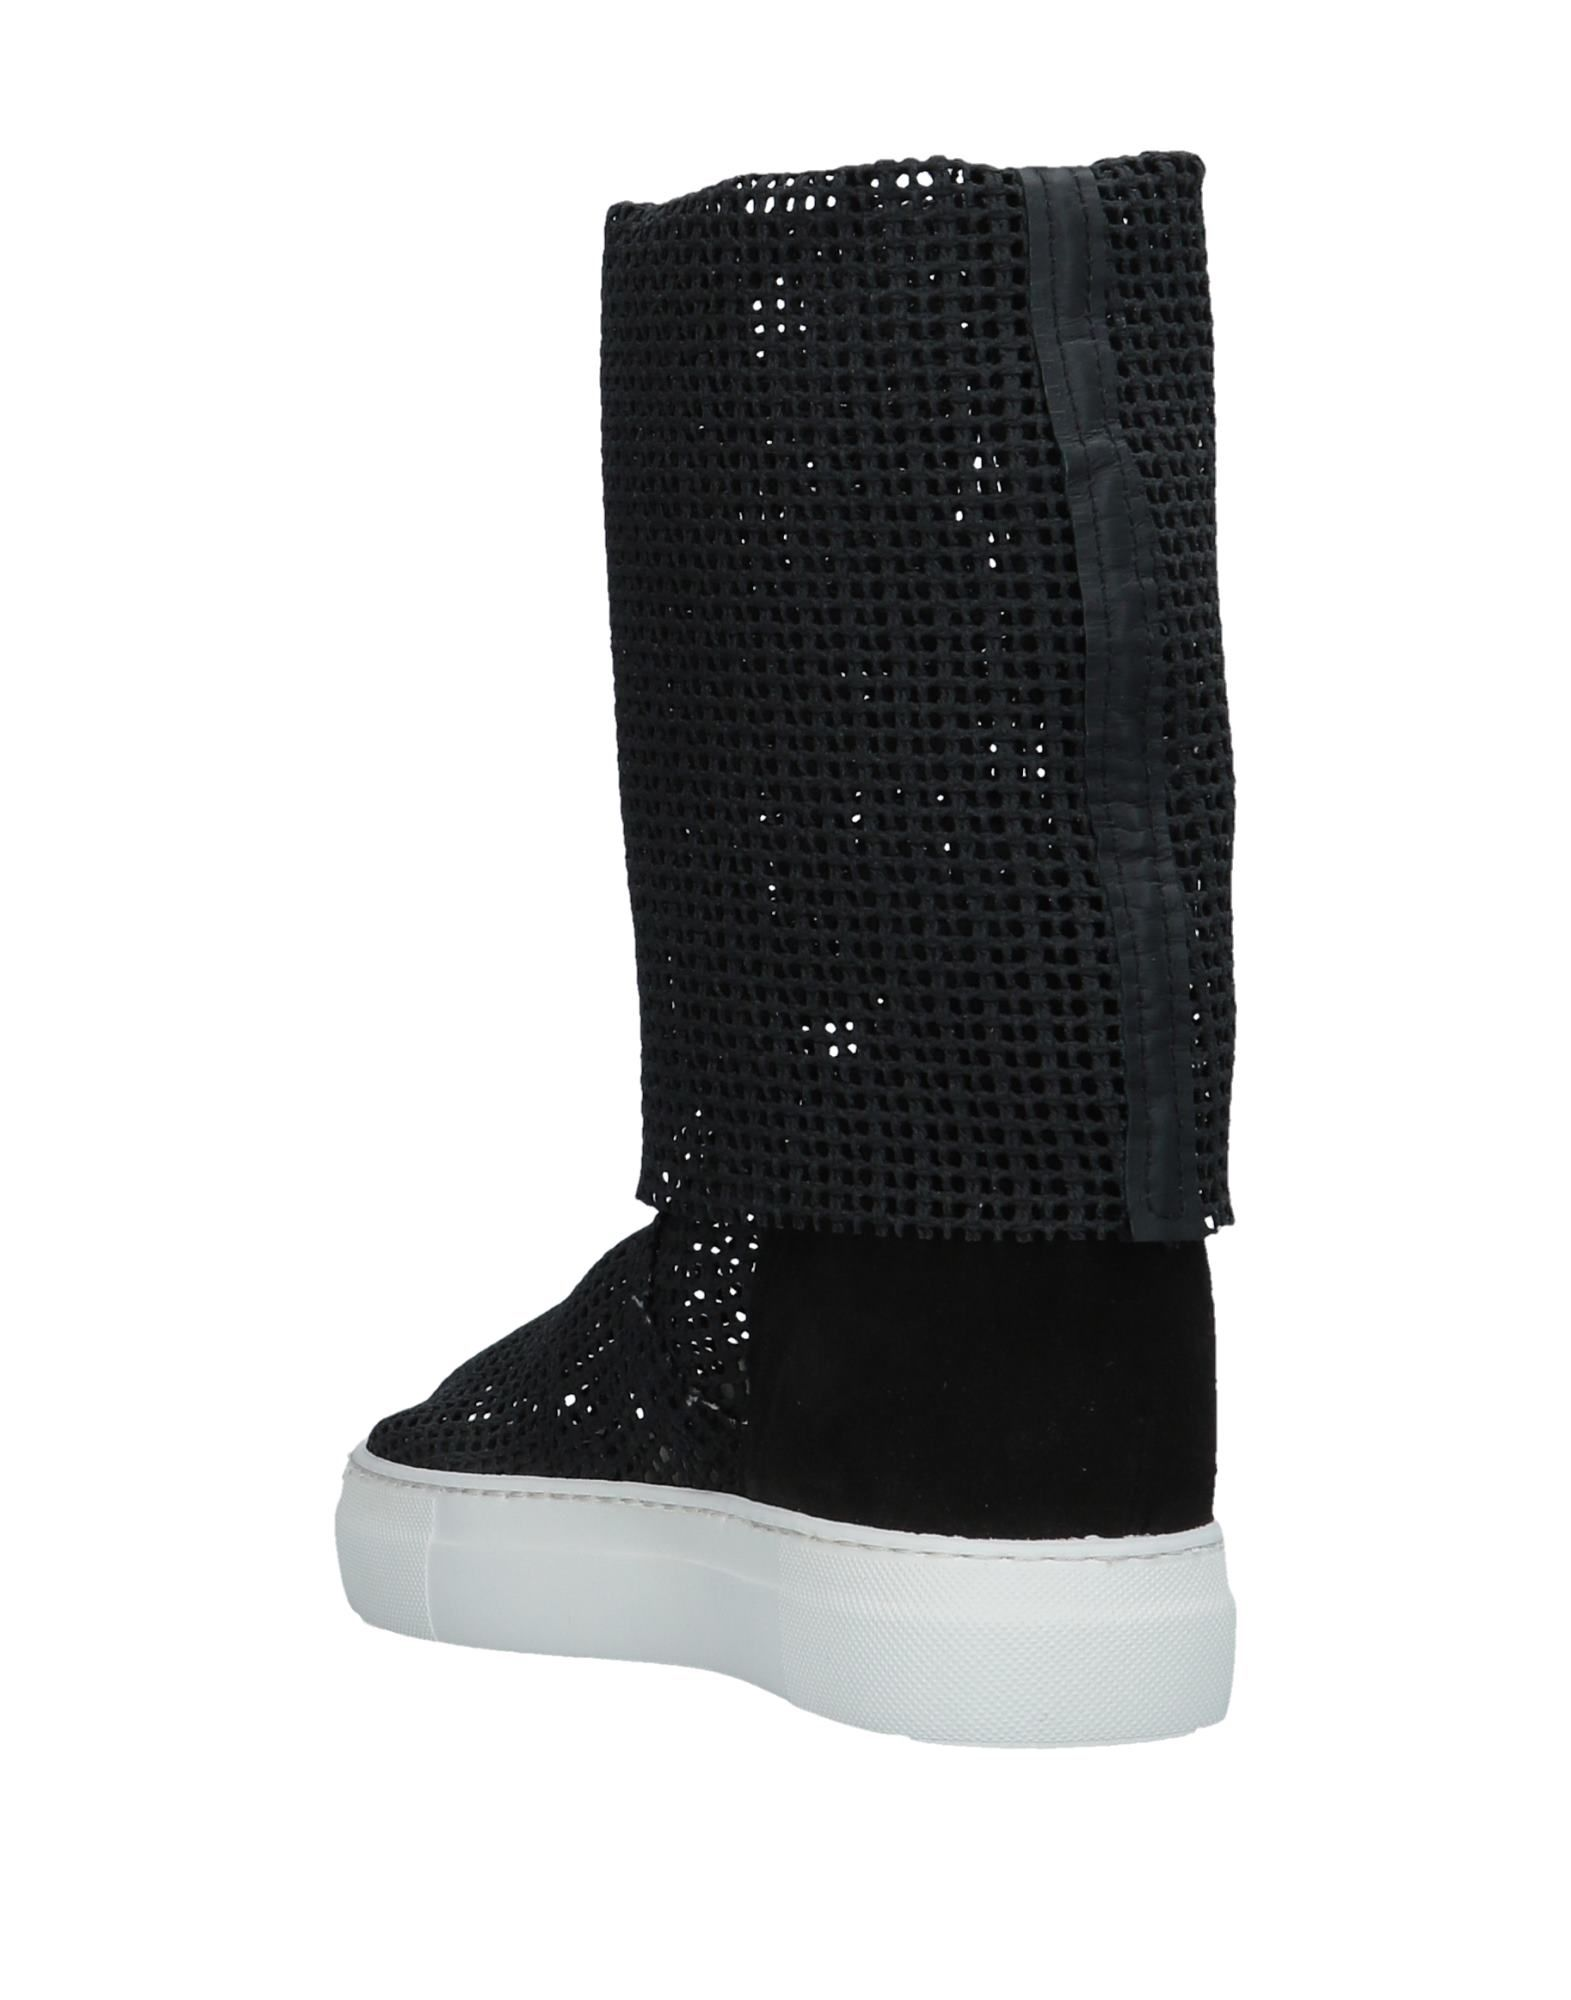 Stilvolle Stiefelette billige Schuhe Passion Blanche Stiefelette Stilvolle Damen  11532323LK d5ec13